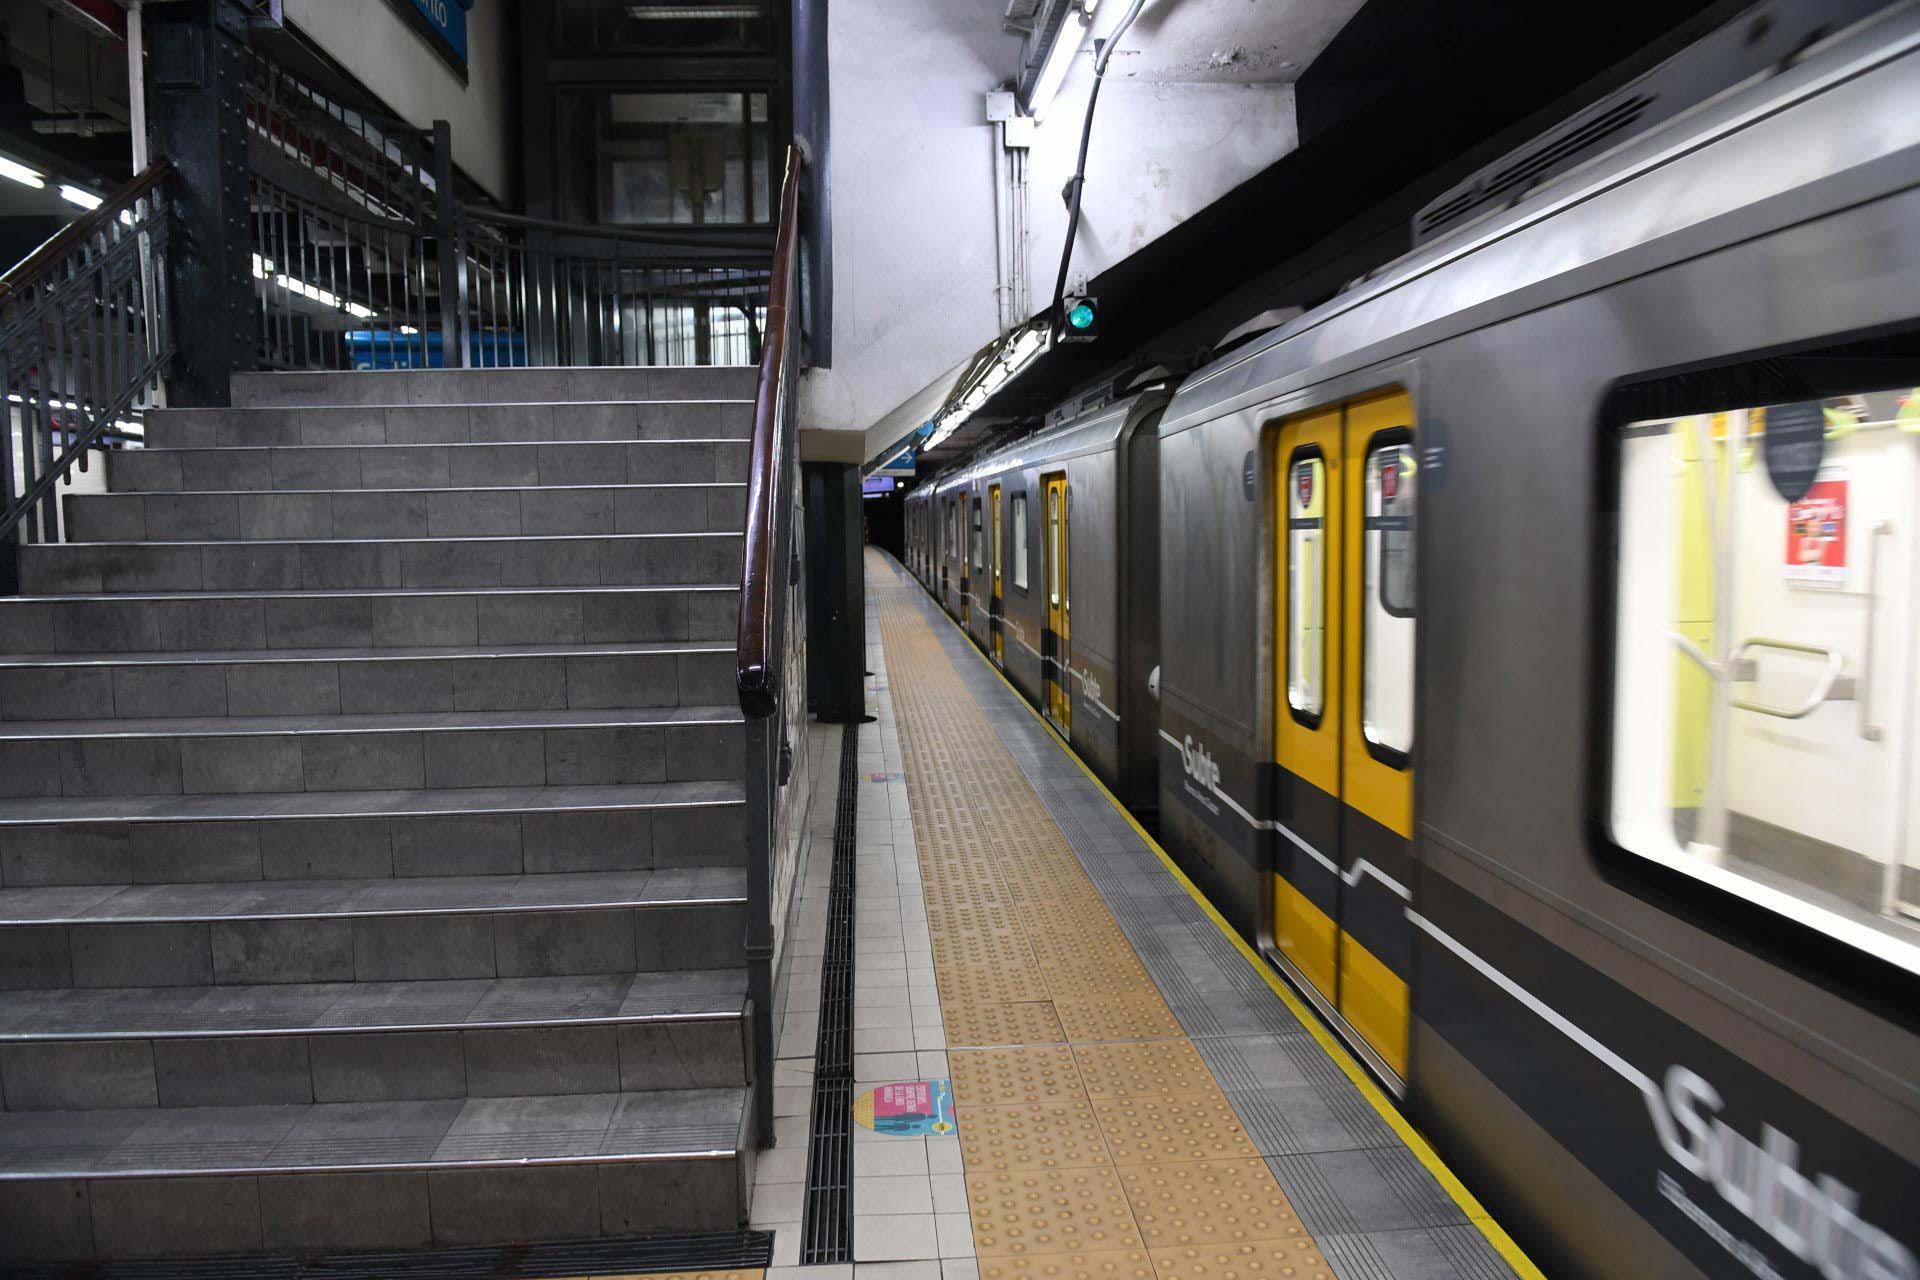 Durante muchos meses, los subterráneos de la Ciudad fueron solo utilizados por personal esencial